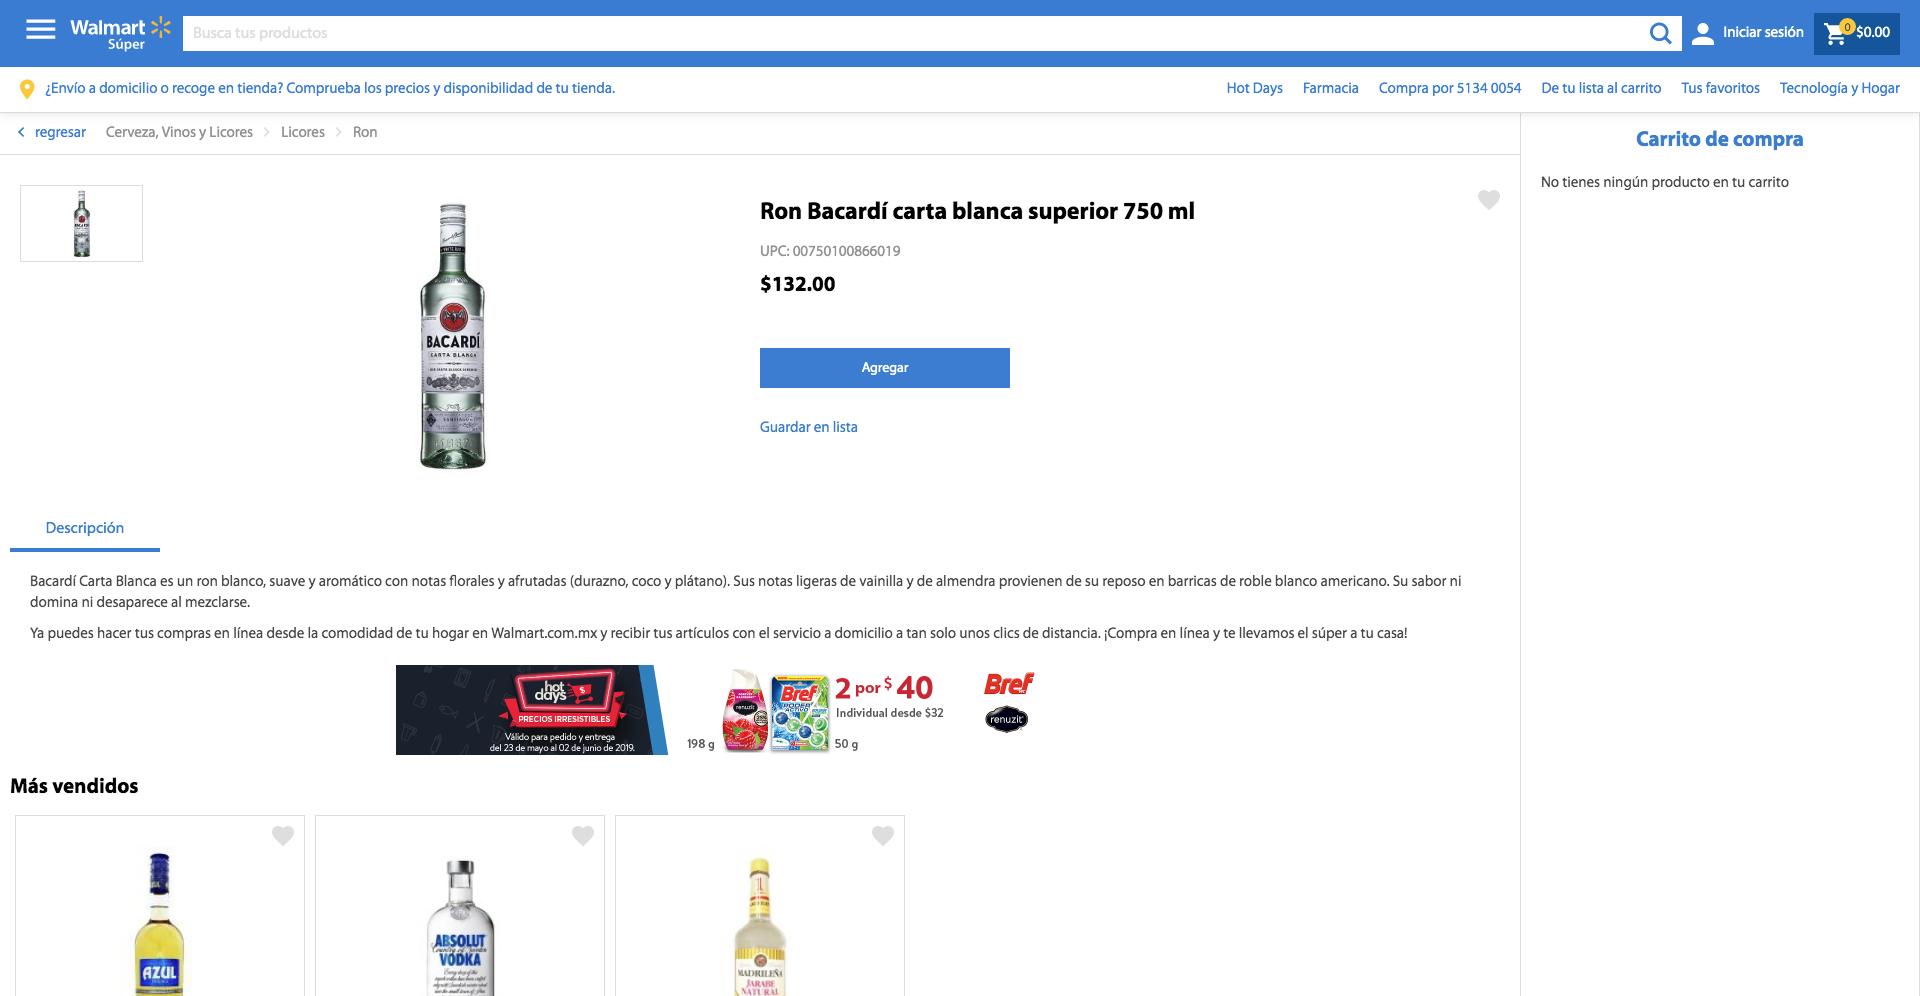 Comparar precios - Walmart